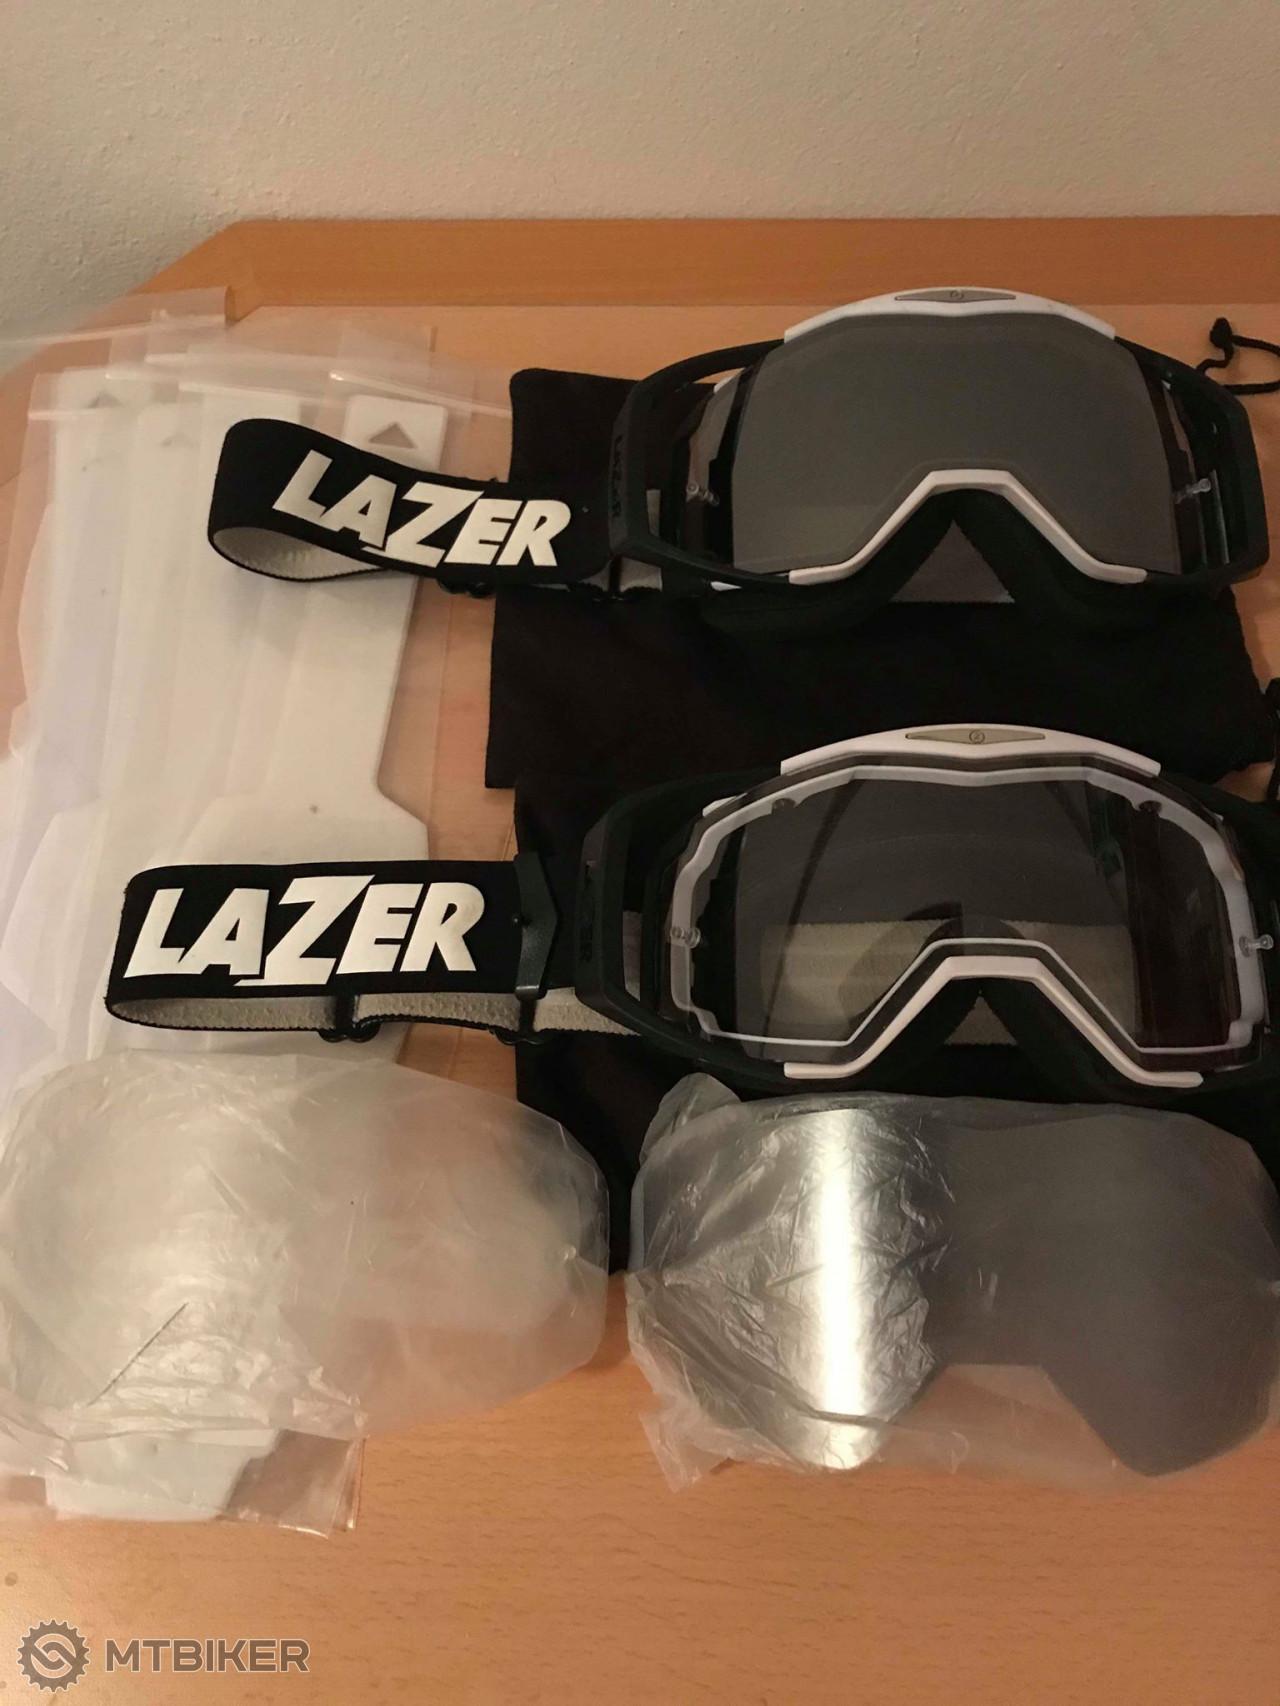 Lazer G1 - Príslušenstvo - Okuliare - Bazár MTBIKER 6739a859e26